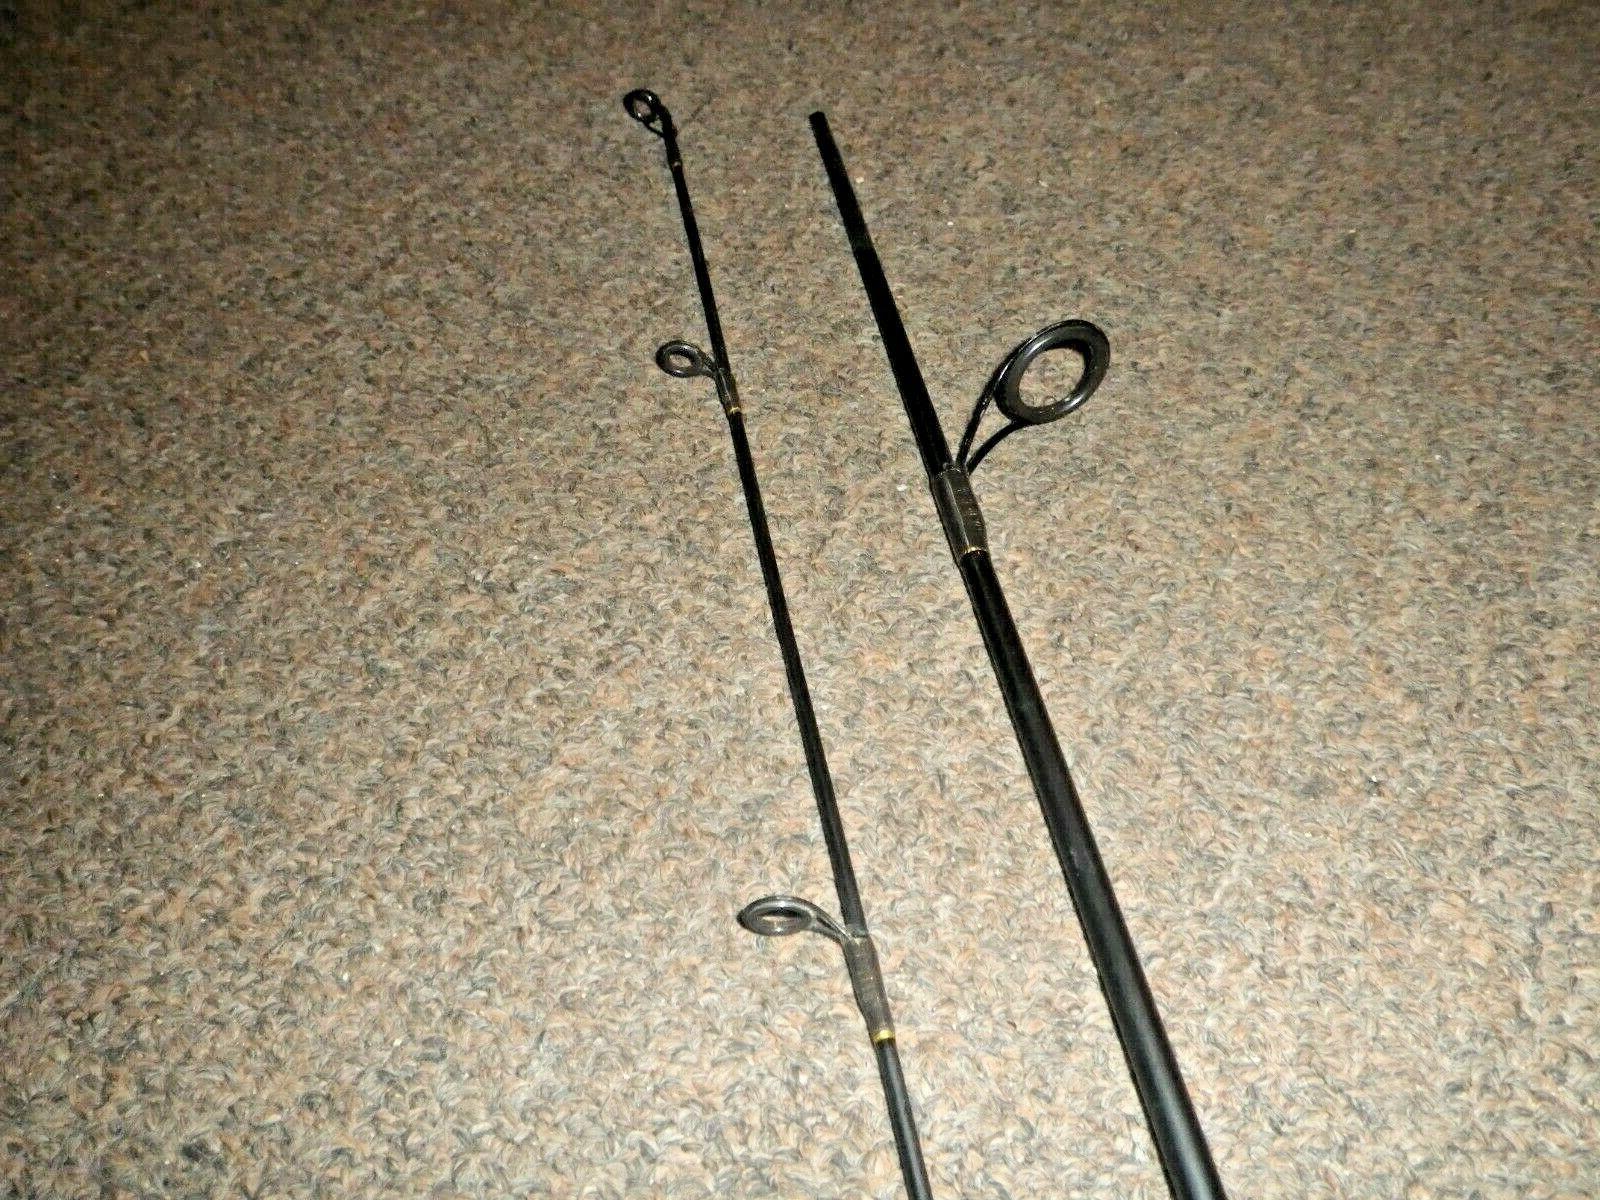 Vintage Fishing Rod BERKLEY IM6 Series 6'